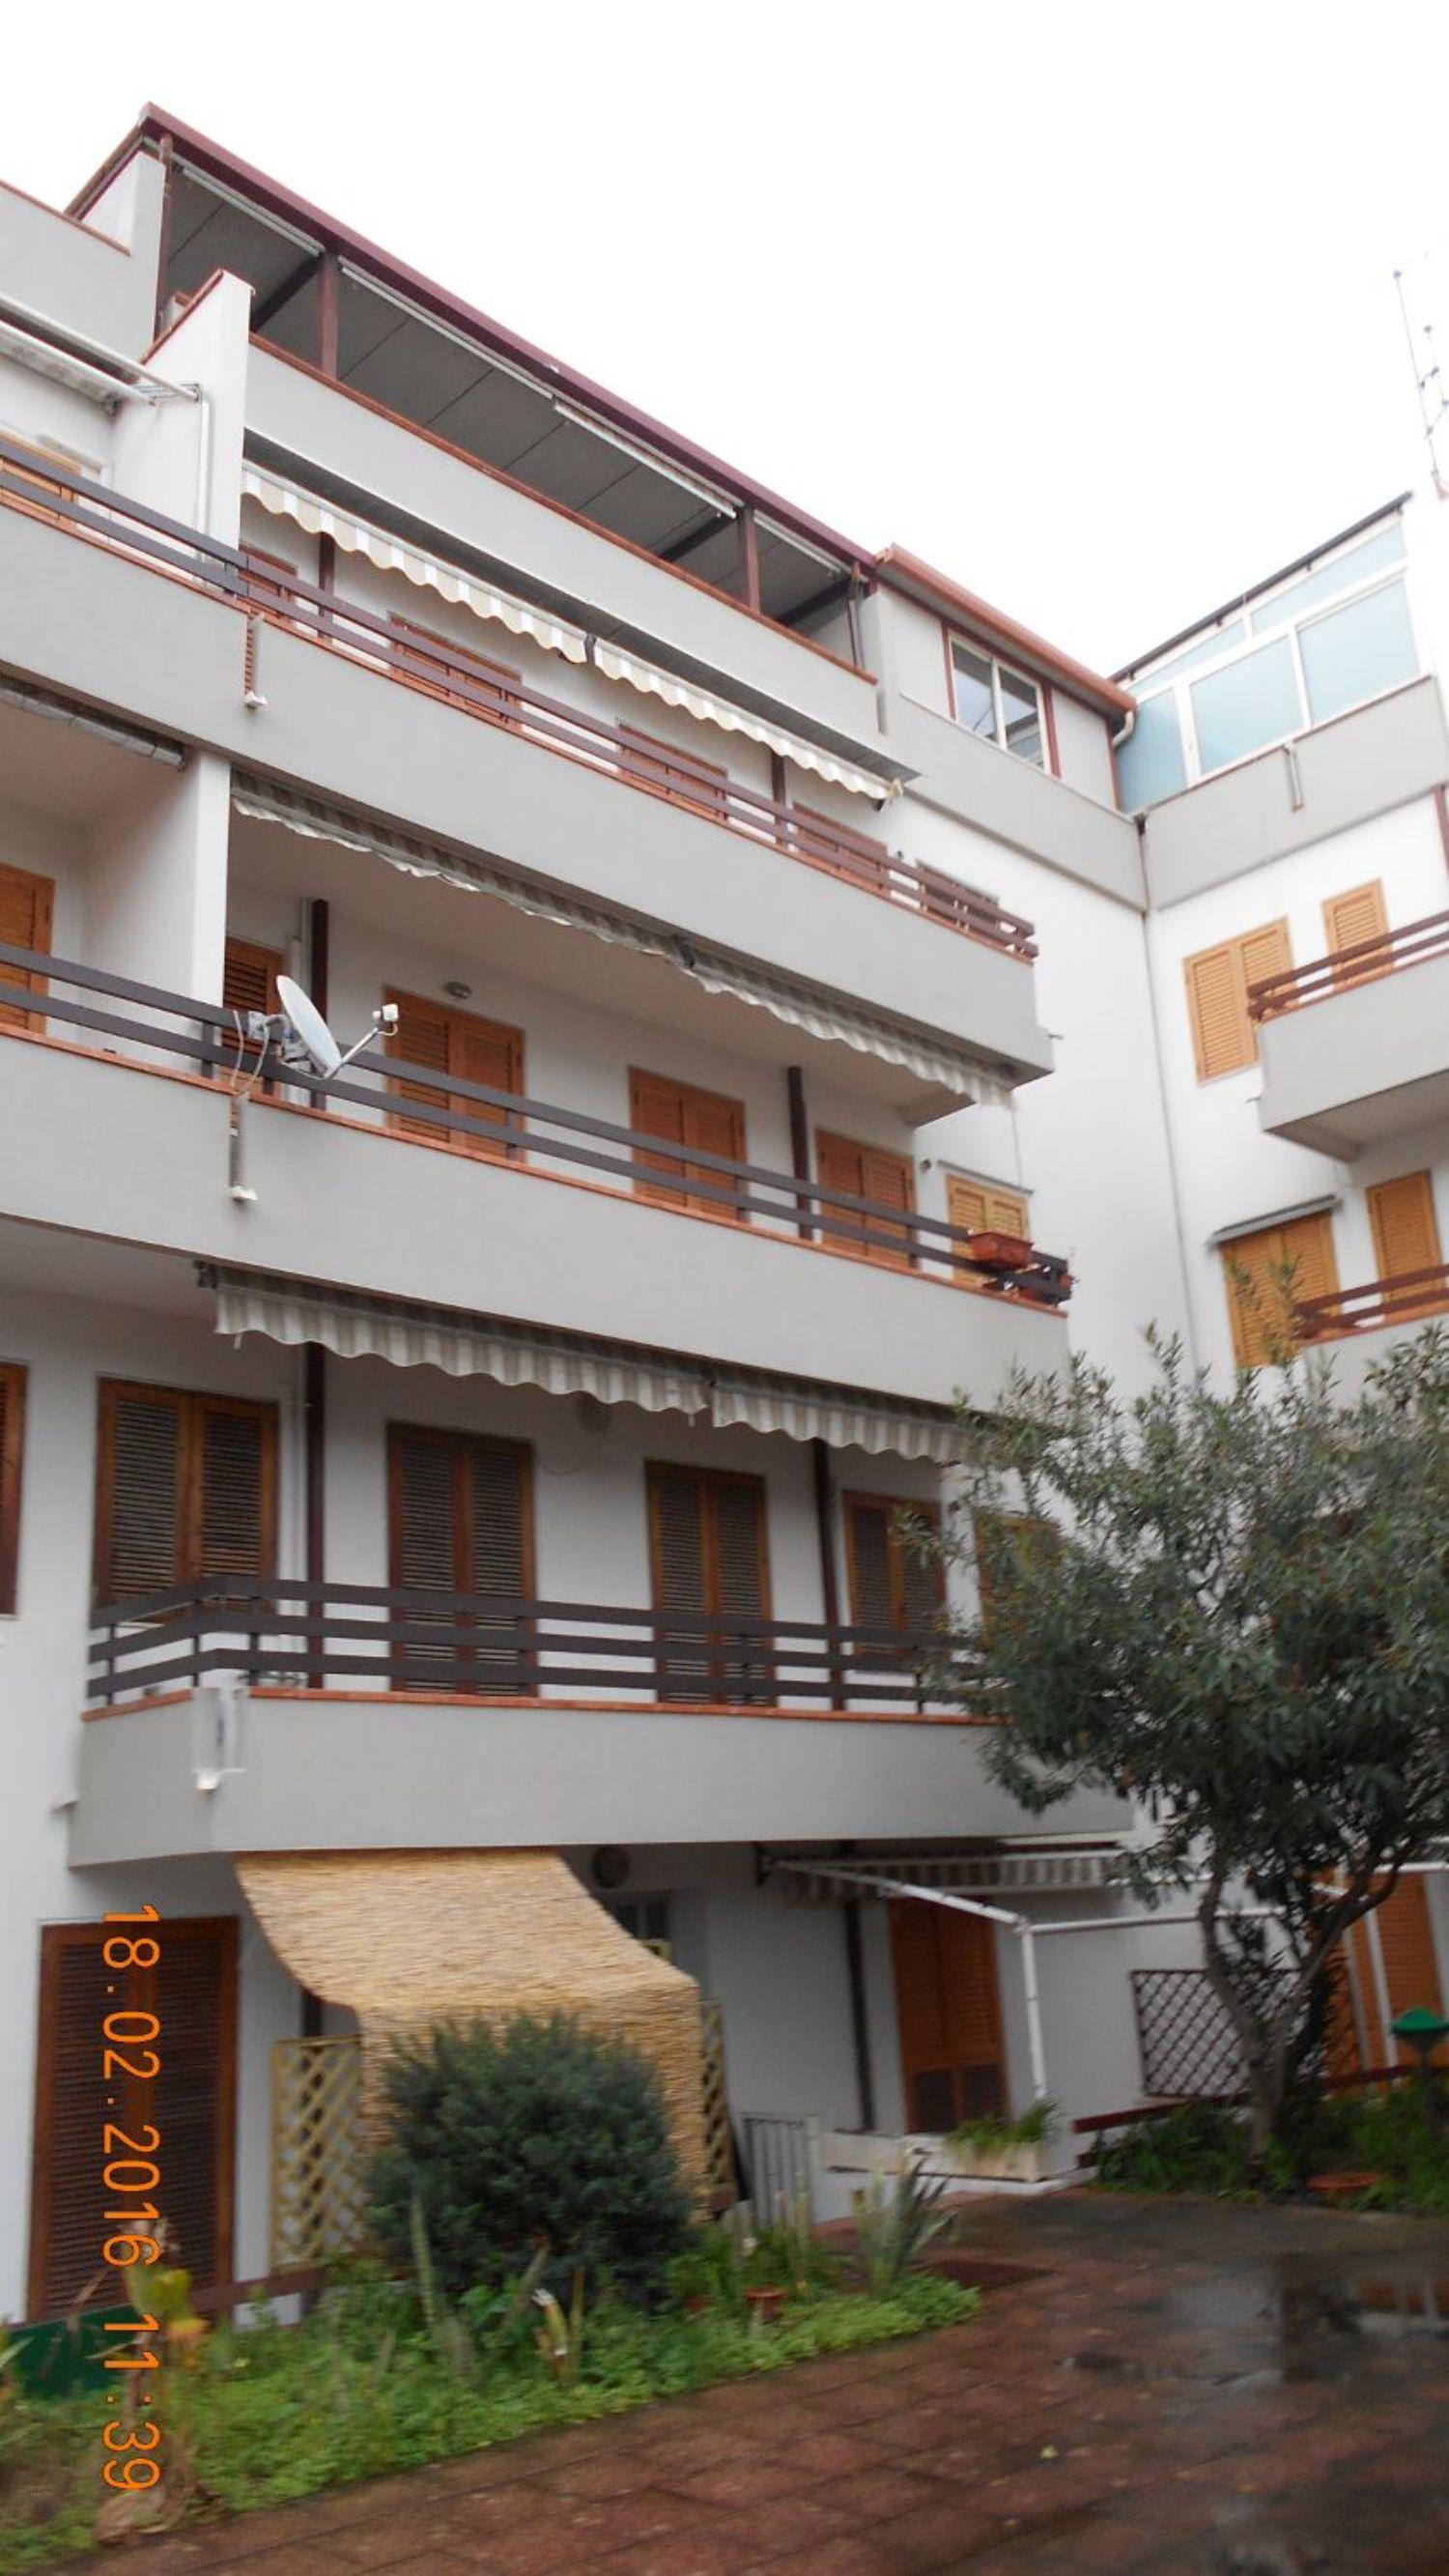 Duplex in Vendita a Furci Siculo